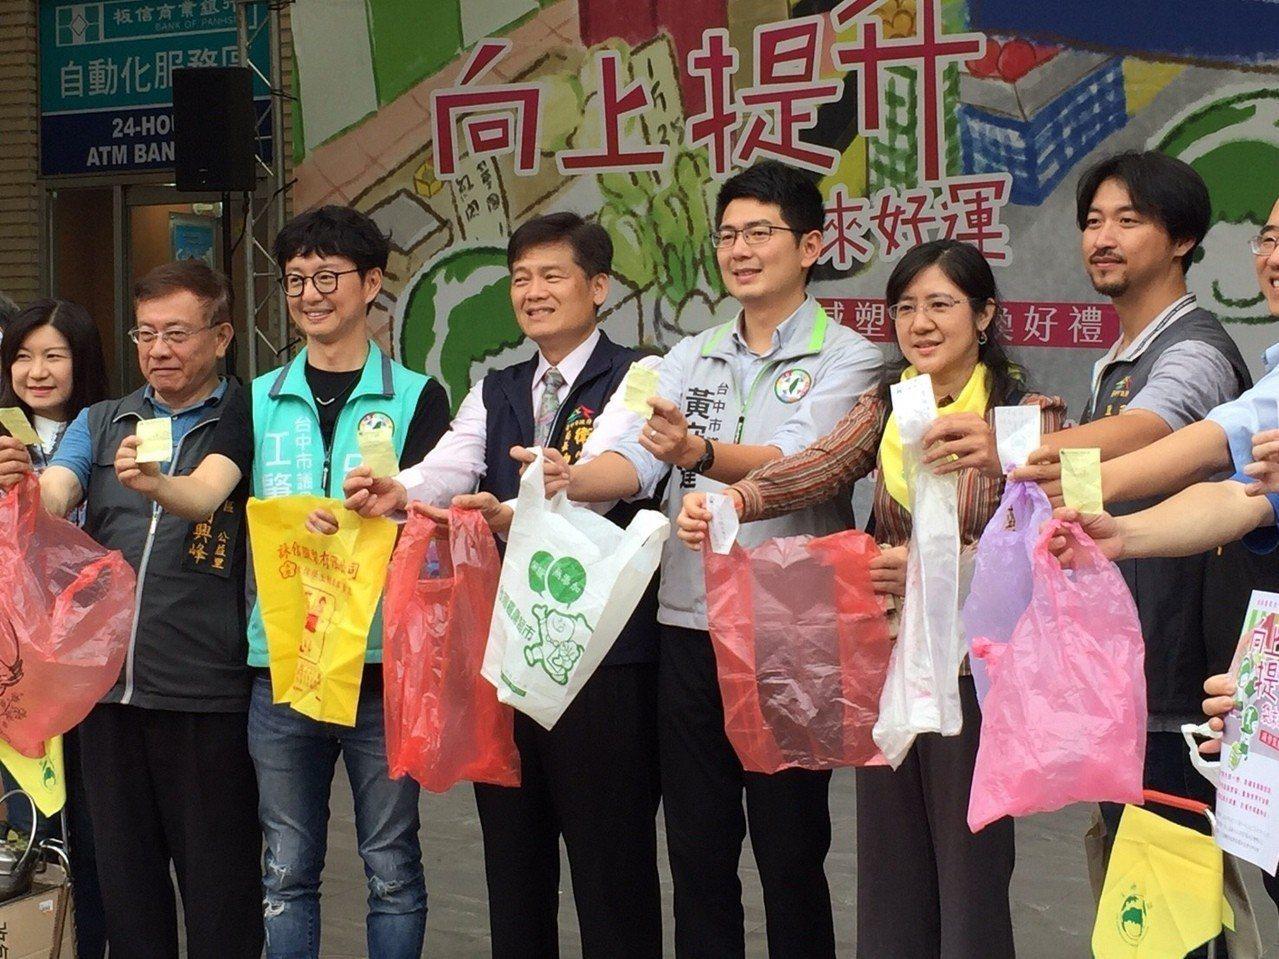 主婦聯盟在台中市西區向上市場推減用塑膠袋,盼市場減塑成為台中市政亮點。圖/主婦聯...